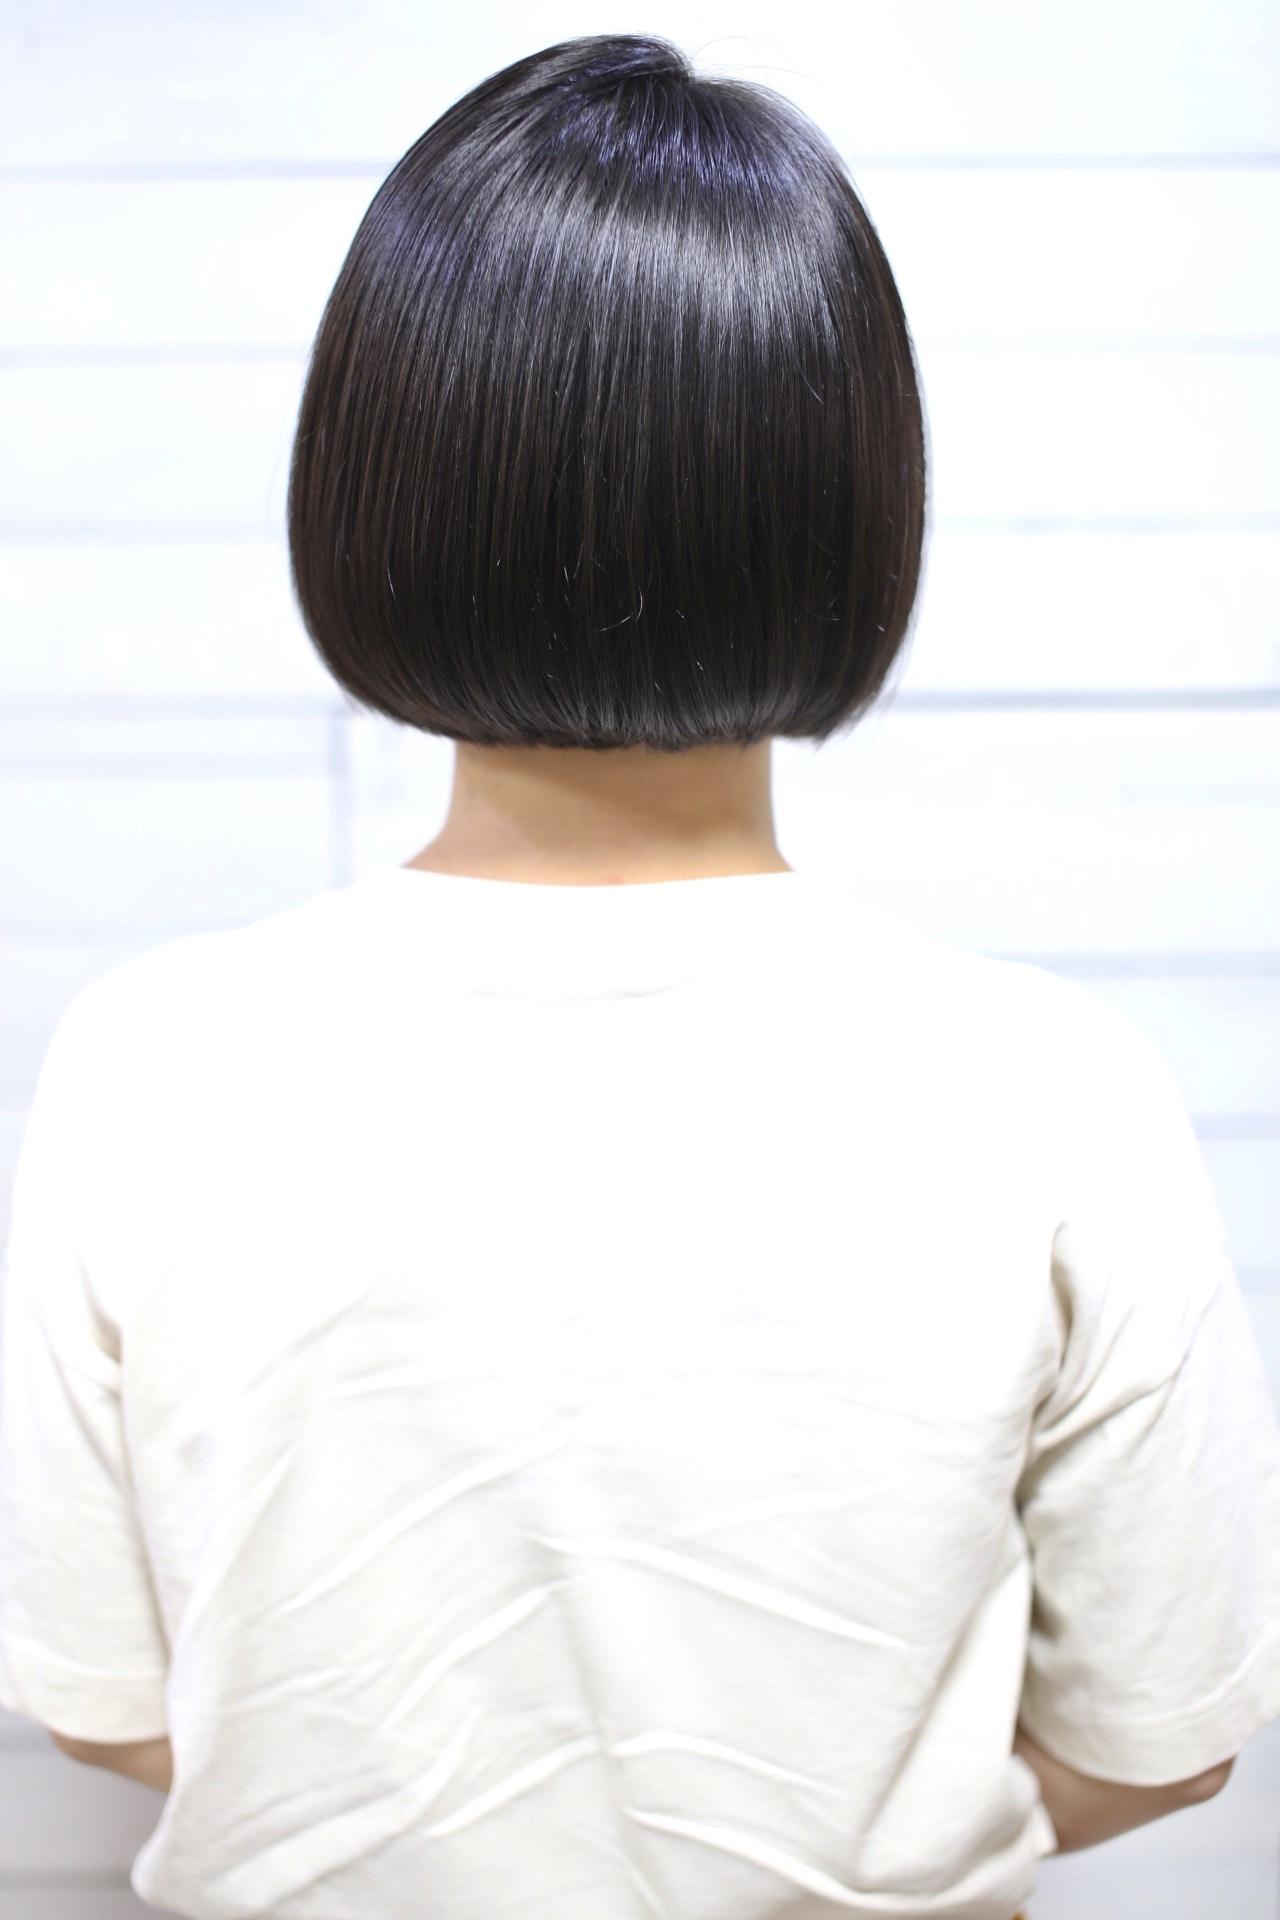 新宿のヘアドネーションができる美容室セイヴィアン